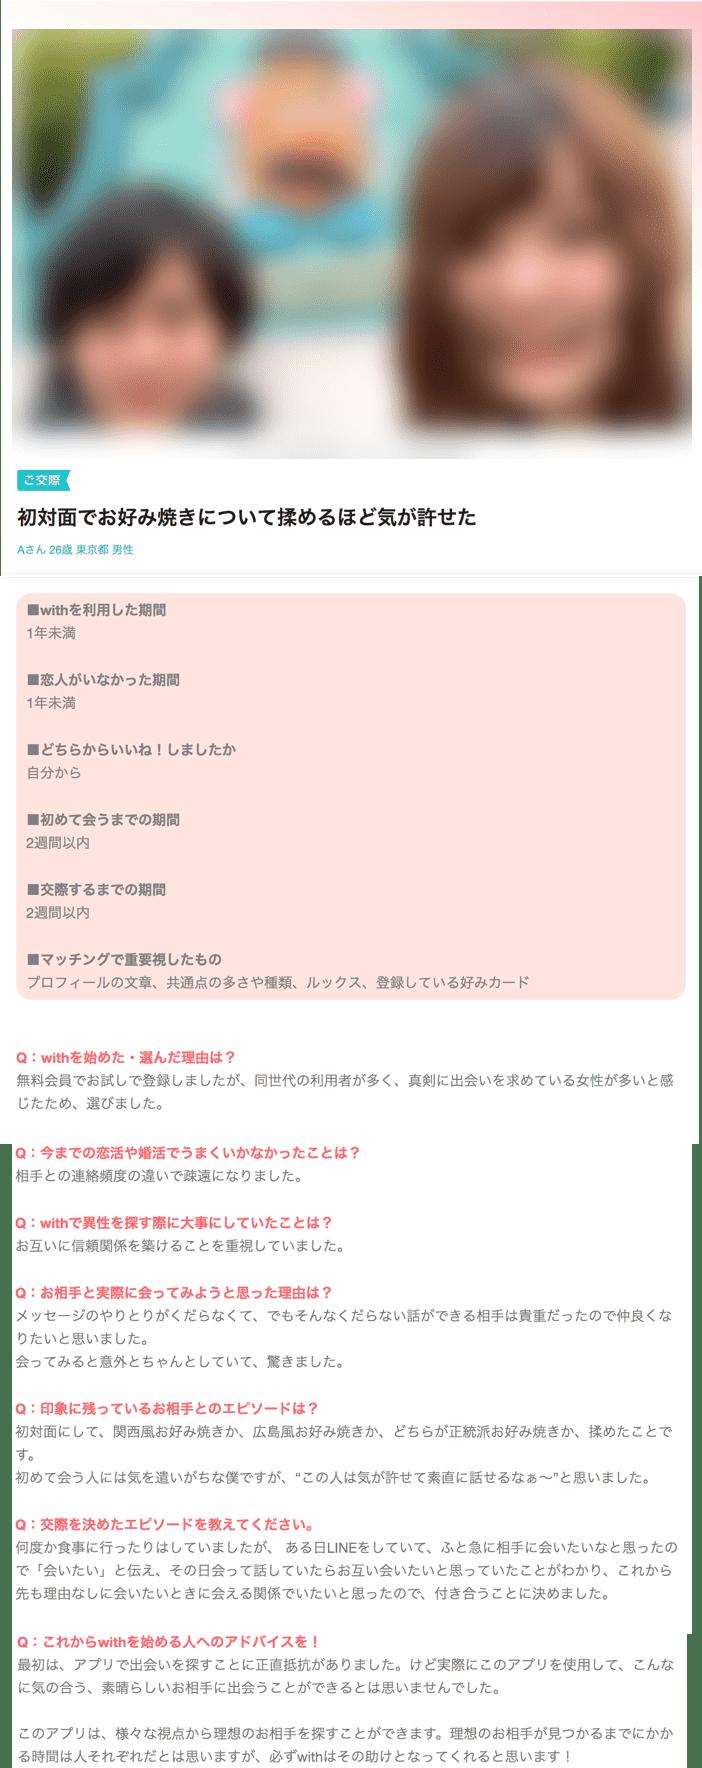 マッチングアプリ恋愛27